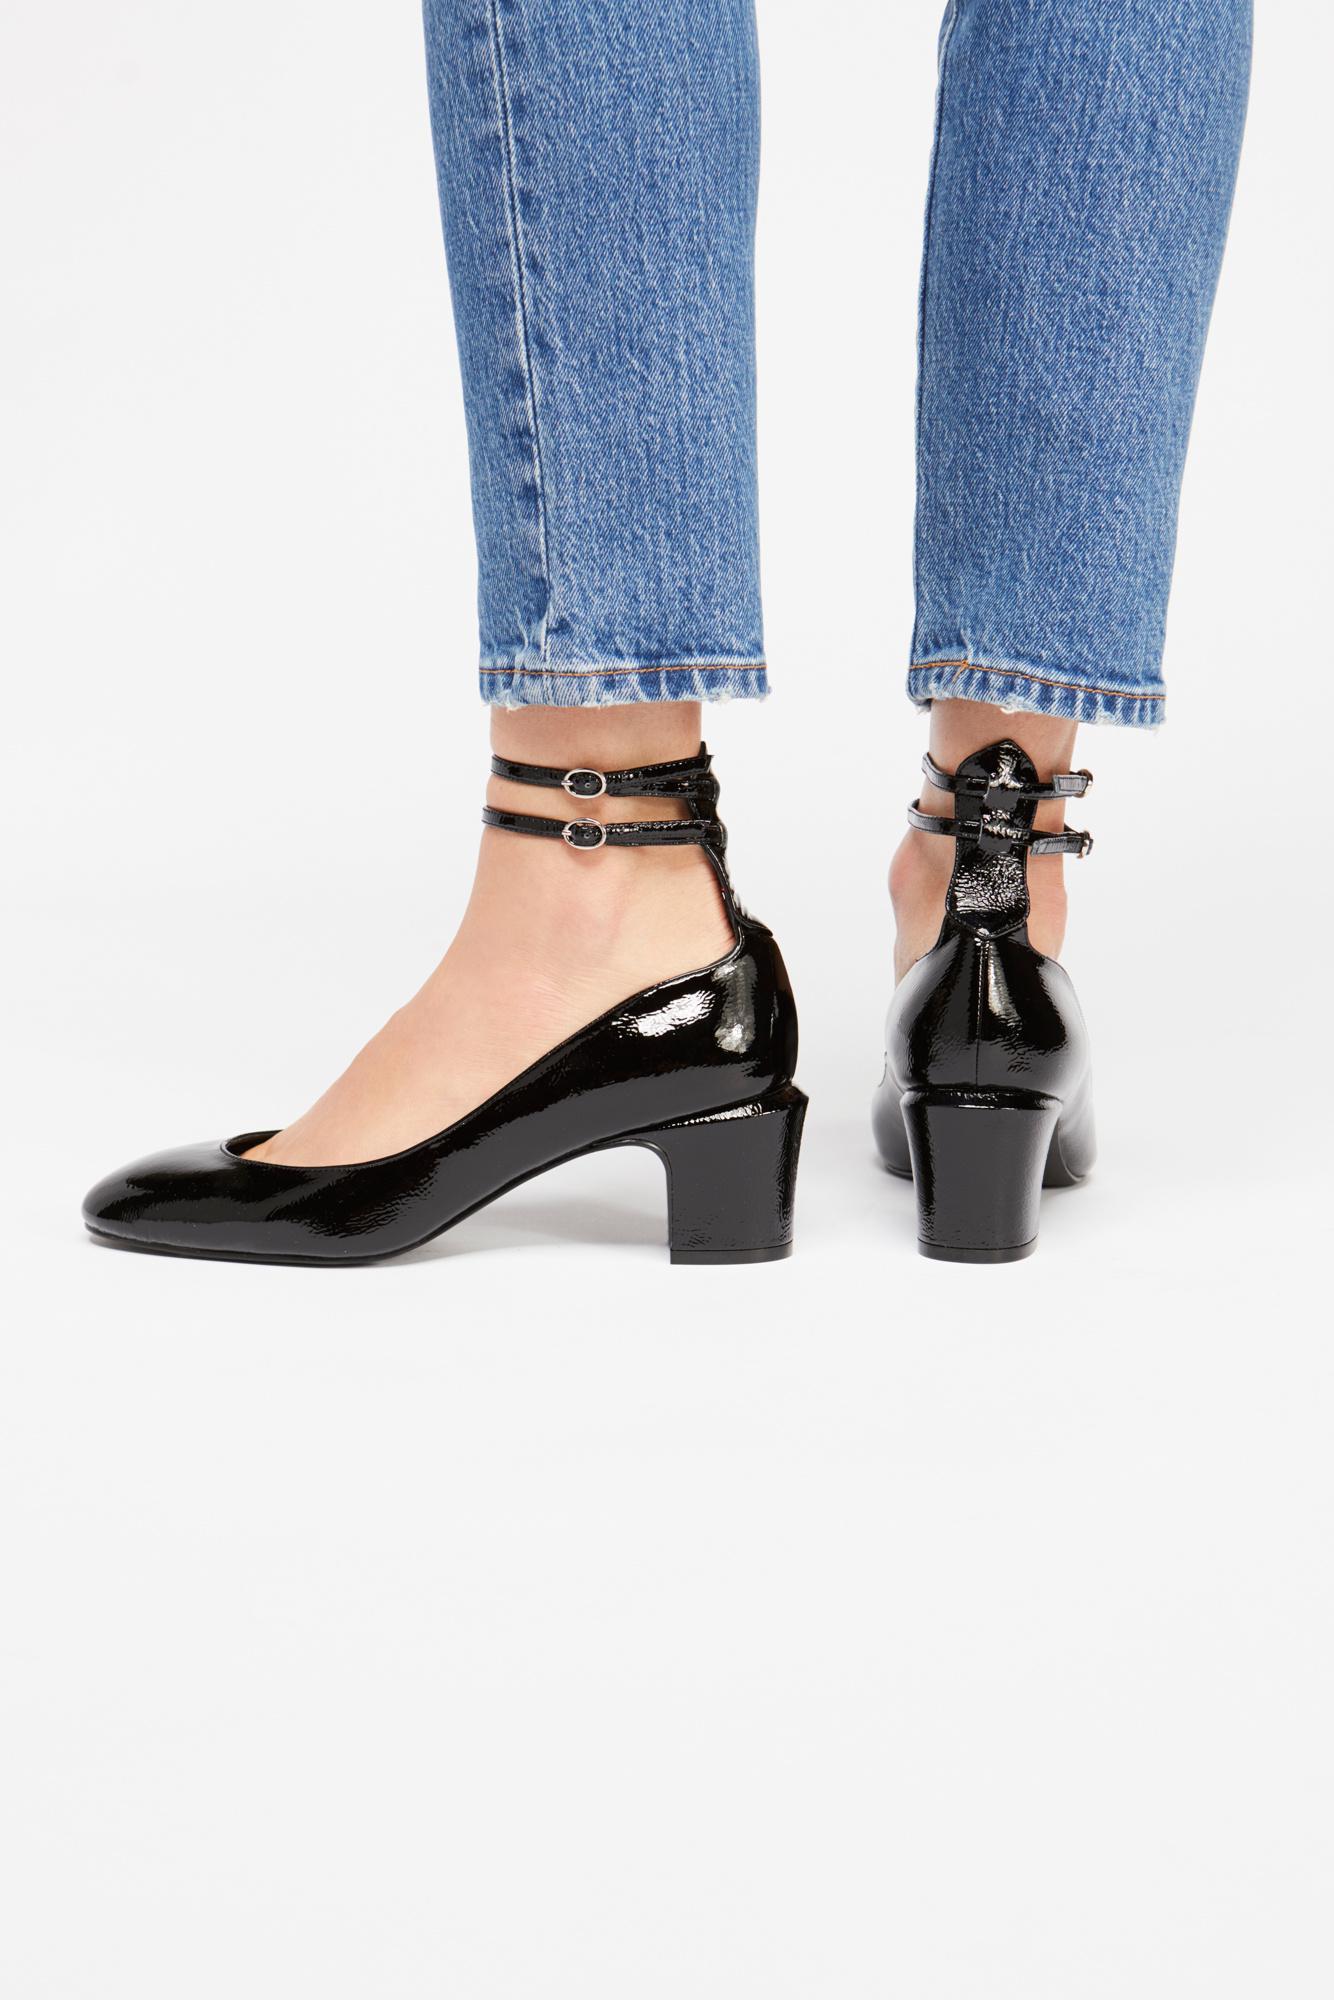 41d27577066 Lyst - Free People Lana Block Heel in Black